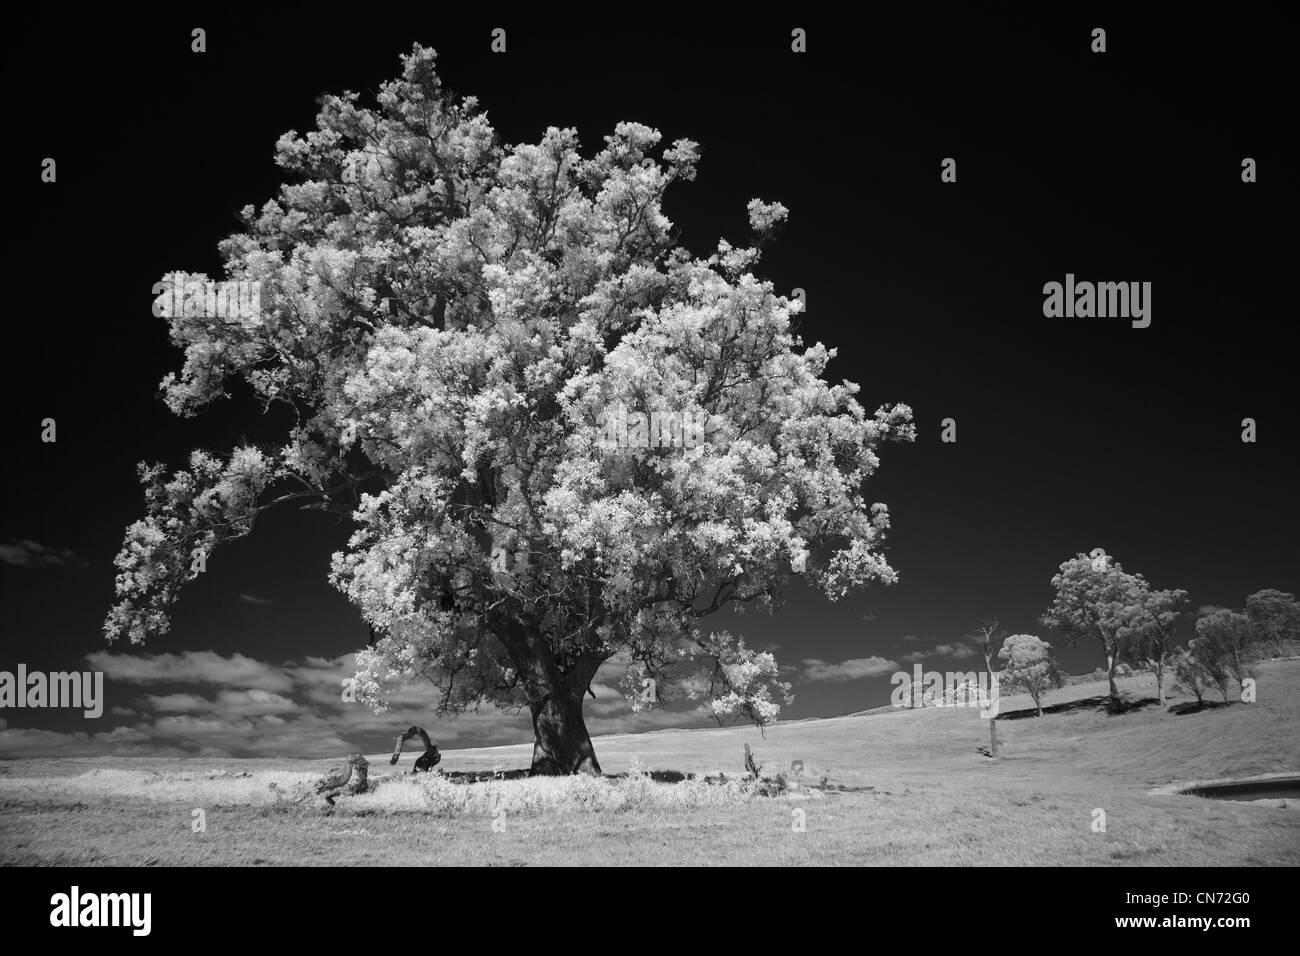 Glorious Eucalyptus tree on farm, Bega Valley NSW Australia - Stock Image